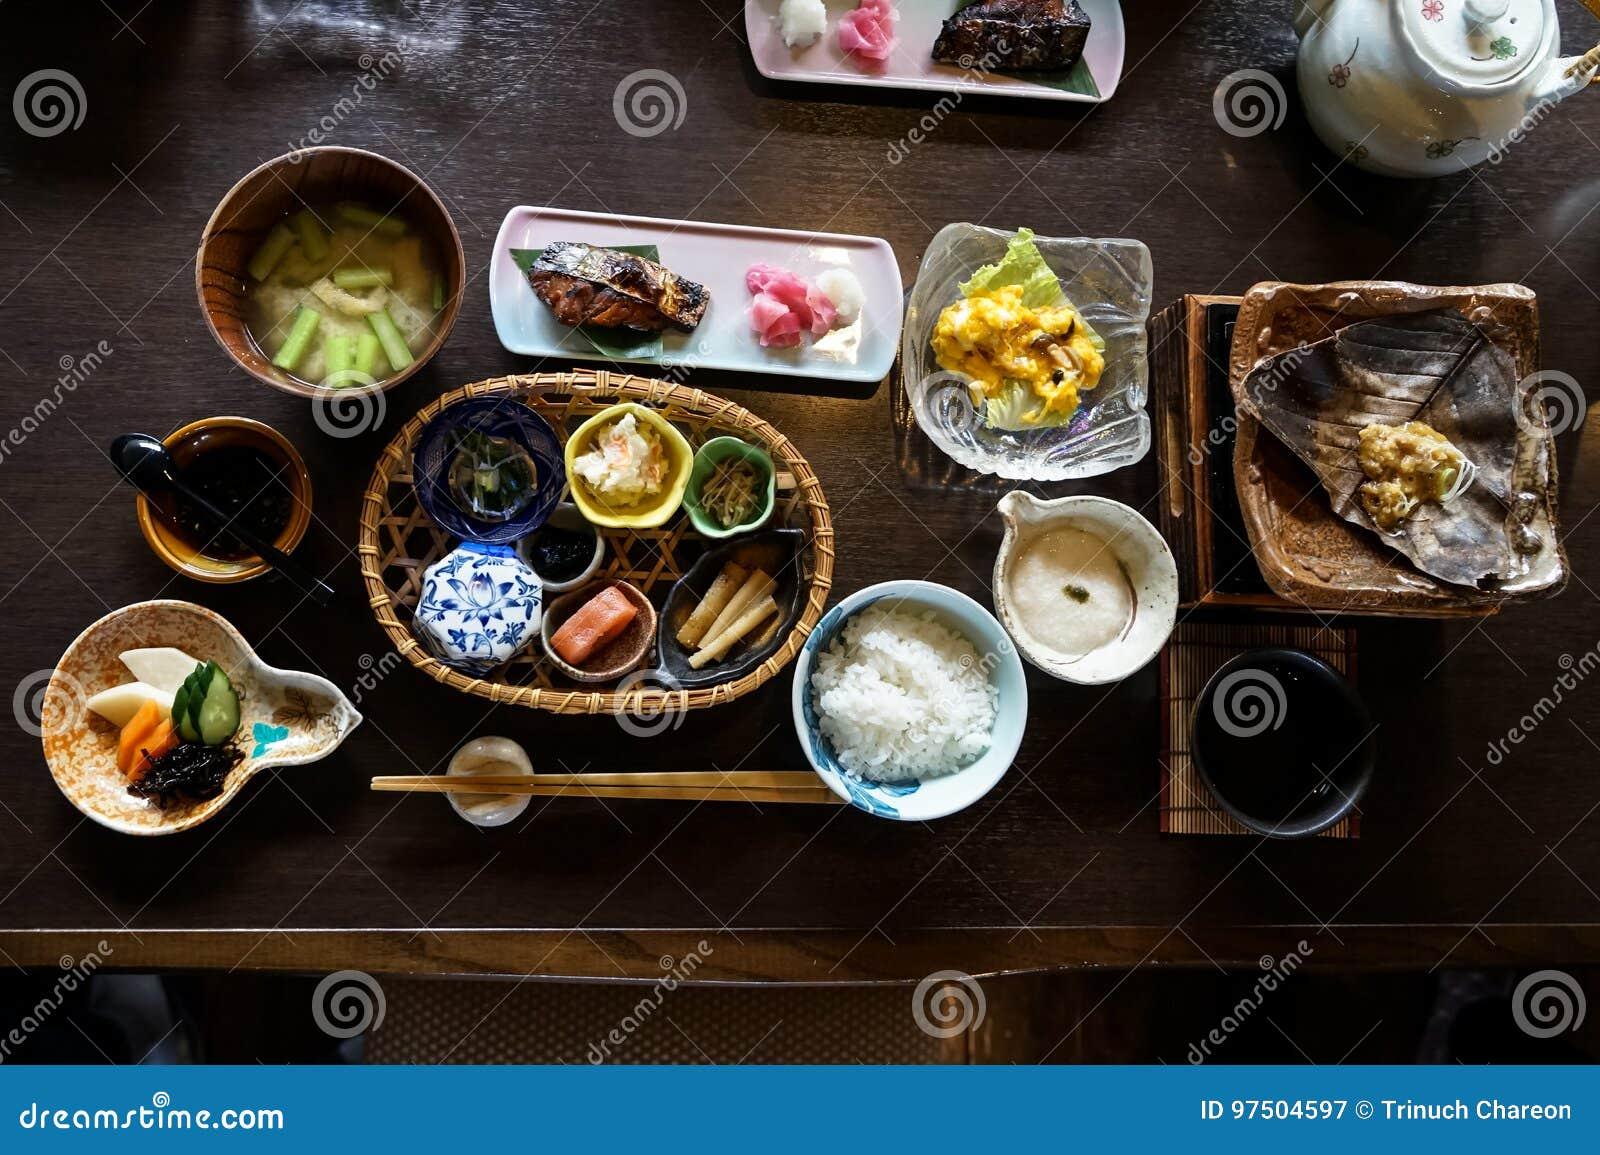 Japansk ryokan frukostdisk inklusive lagade mat vita ris, grillad fisk, stekt ägg, soppa, mentaiko, knipa, havsväxt, varm platta